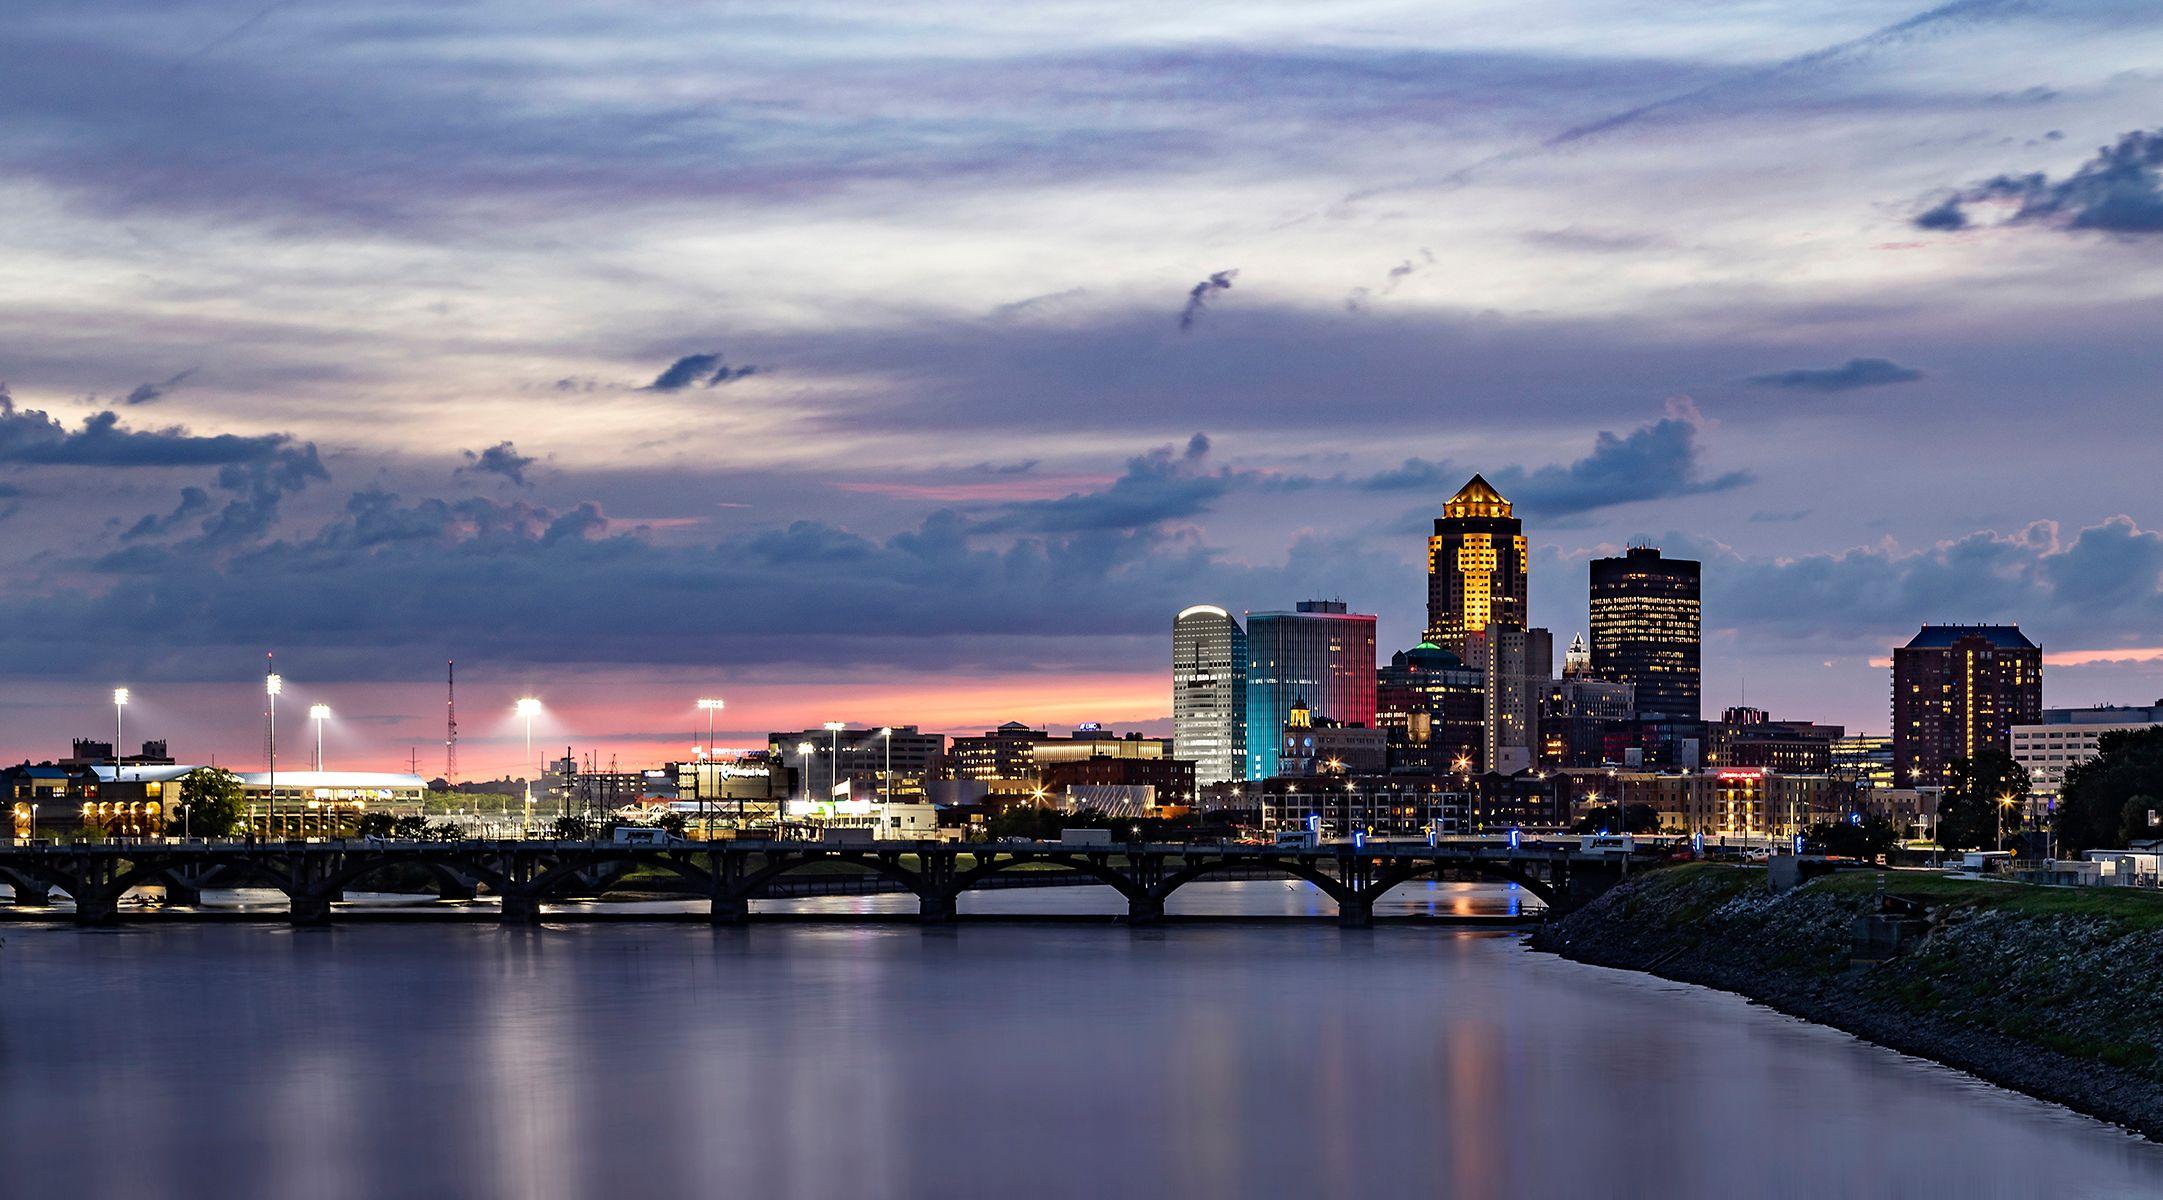 DSM.Bridge.Skyline1.jpg